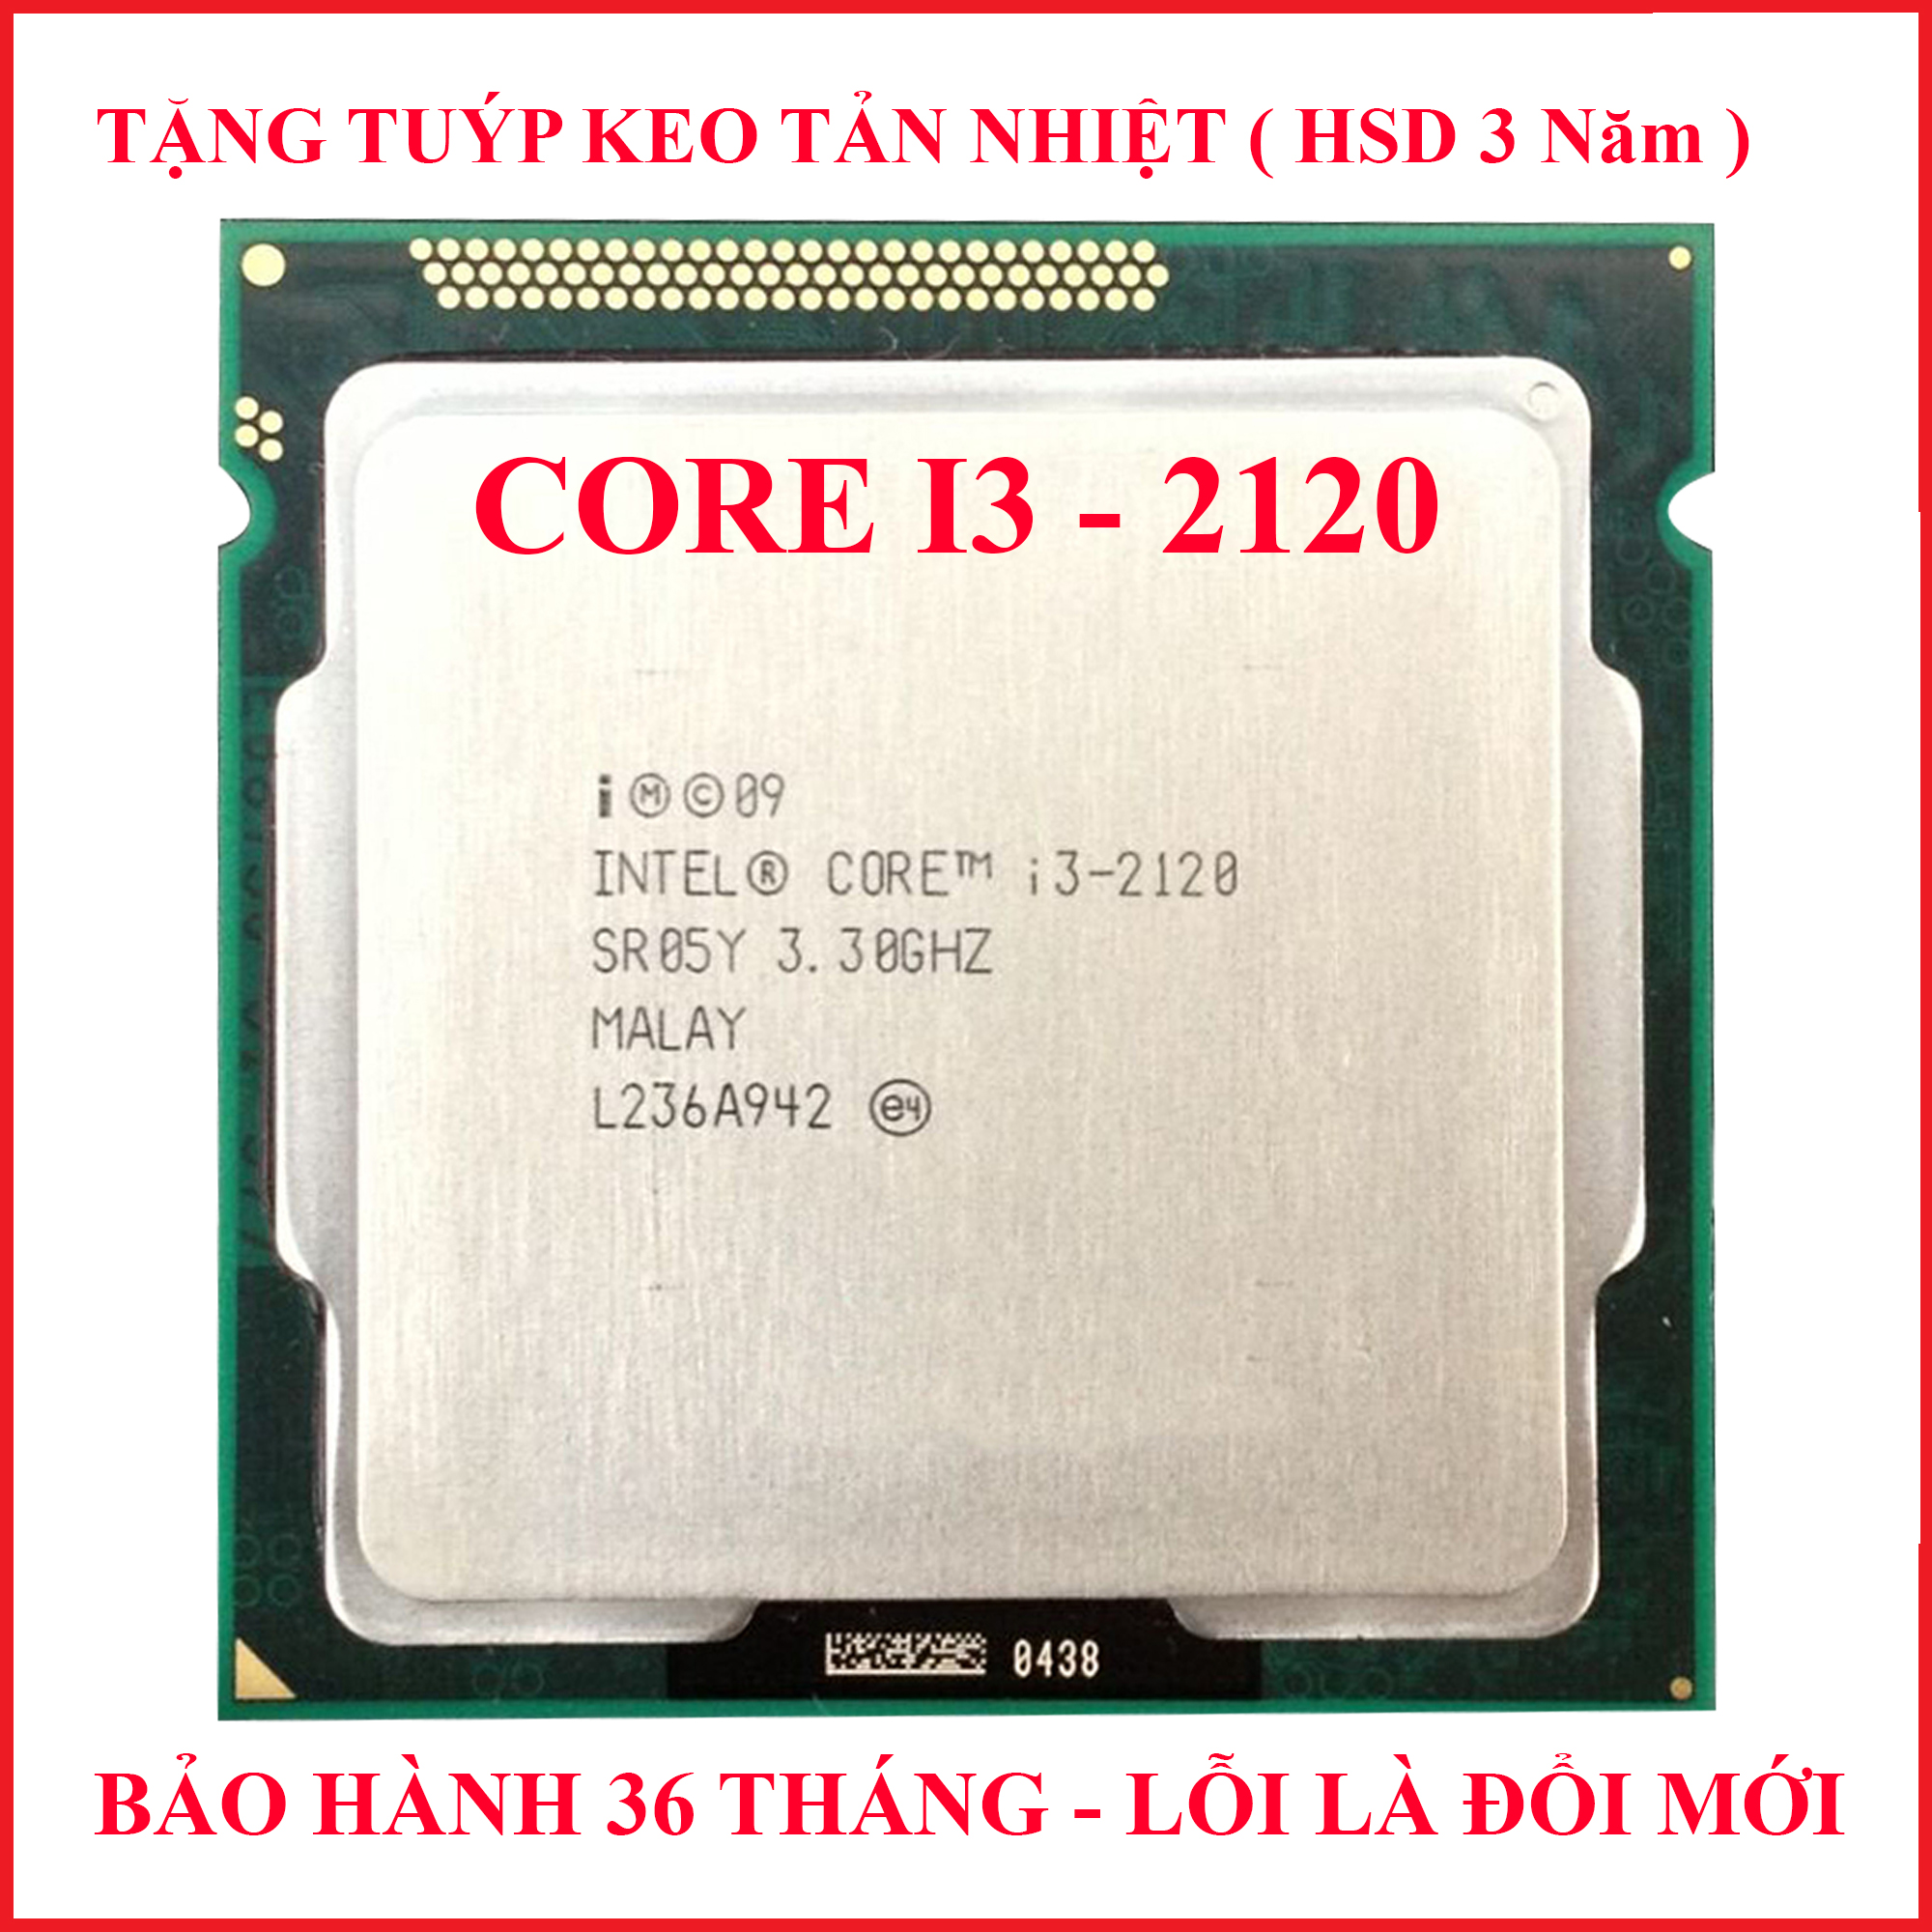 Bộ Vi Xử Lý CPU CORE I3 2120 PC Socket 1155 Lắp Main H61 Z68 B75 Chạy RAM DDR3 1G 2G 4G 8G Bus 1333/1600 Chip Sandy Bridge Thế Hệ 2 Tốc độ Chíp  3.3GHZ  Cấu Tạo 2 Lõi – 4 Luồng Hàng Chính Hãng Đang Ưu Đãi Giá